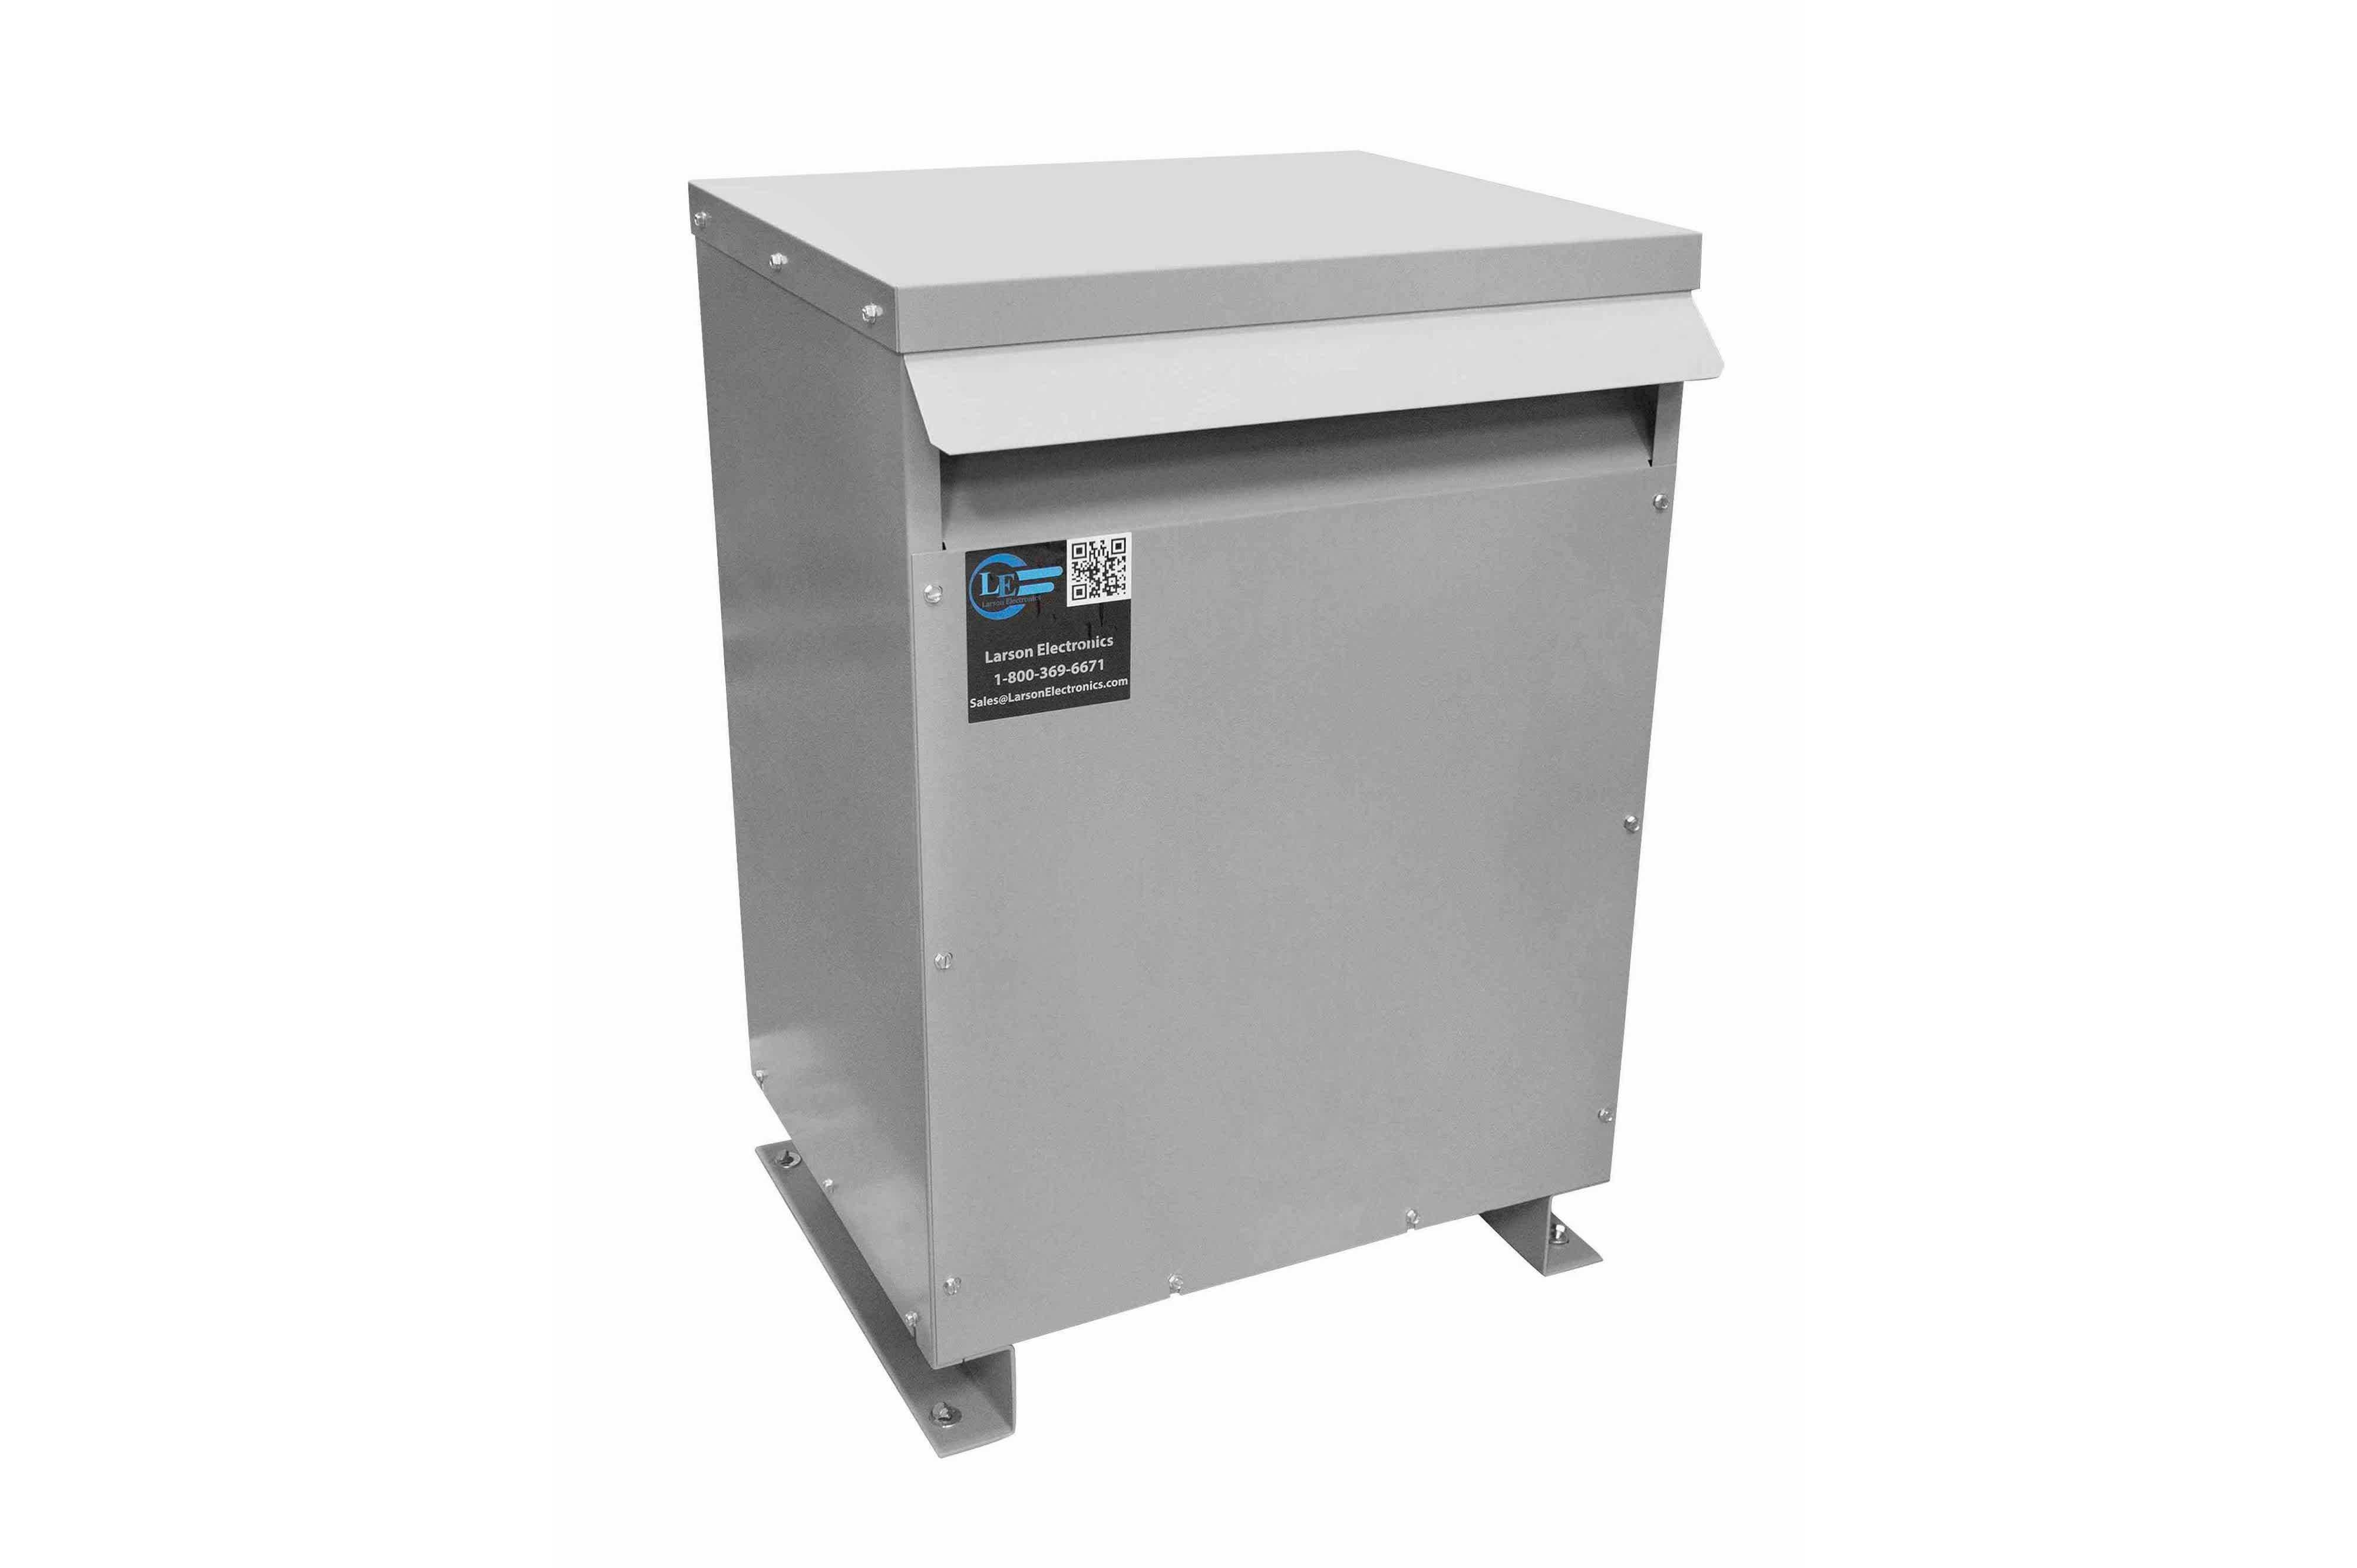 50 kVA 3PH Isolation Transformer, 480V Delta Primary, 575V Delta Secondary, N3R, Ventilated, 60 Hz